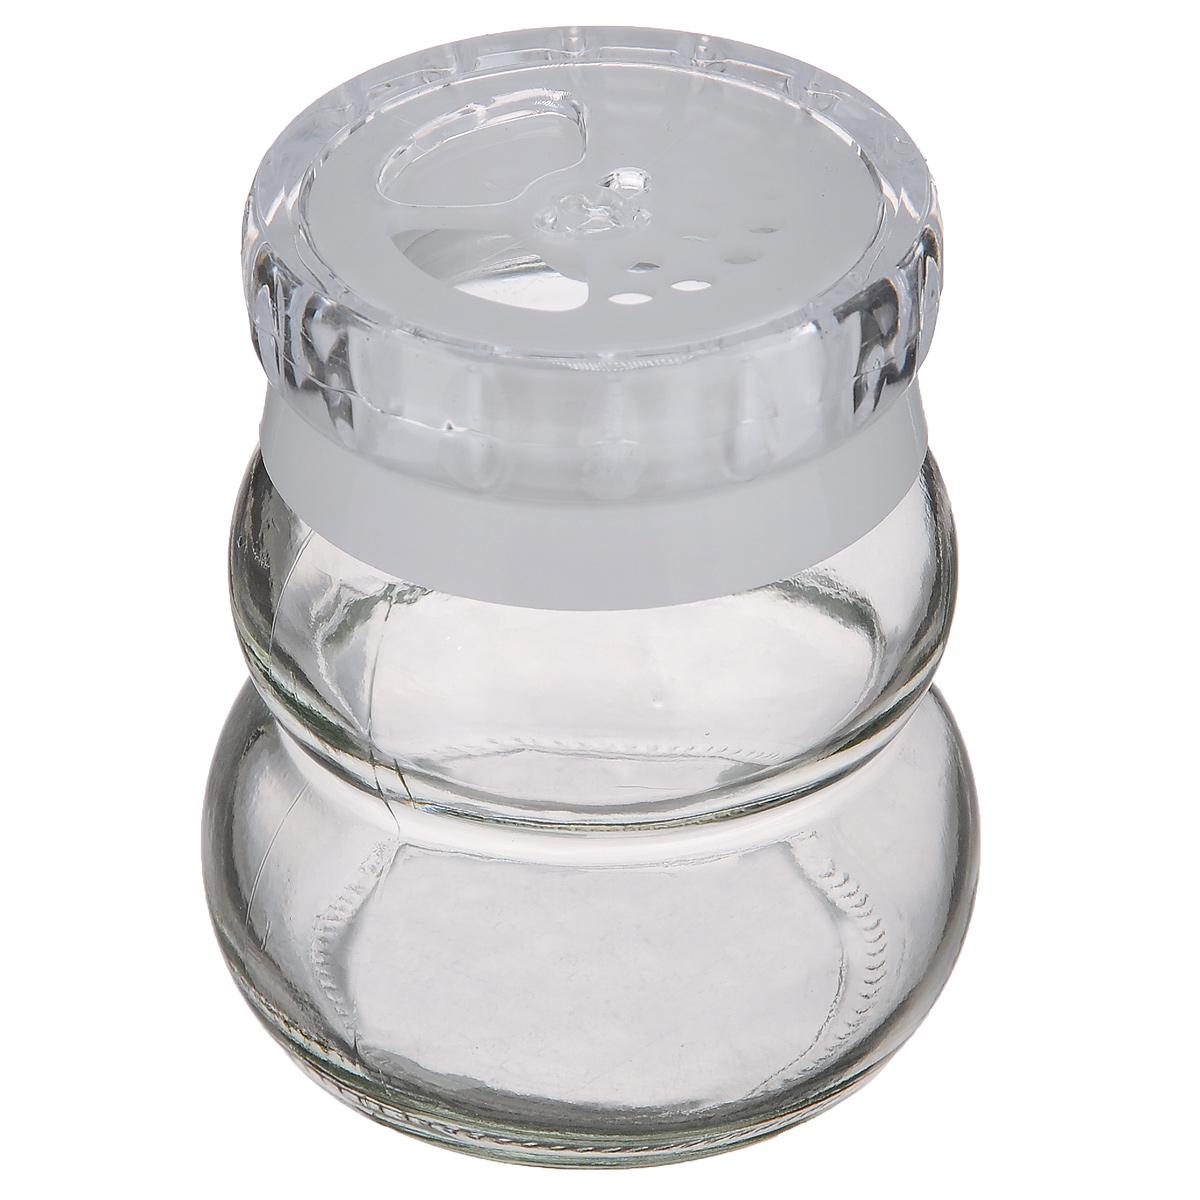 Банка для специй Herevin, цвет: белый, 200 мл131007-000Банка для специй Herevin выполнена из прозрачного стекла и оснащена пластиковой цветной крышкой с отверстиями разного размера, благодаря которым, вы сможете приправить блюда, просто перевернув банку. Крышка снабжена поворотным механизмом, благодаря которому вы сможете регулировать степень подачи специй. Крышка легко откручивается, благодаря чему засыпать приправу внутрь очень просто. Такая баночка станет достойным дополнением к вашему кухонному инвентарю. Можно мыть в посудомоечной машине.Объем: 200 мл.Диаметр (по верхнему краю без учета крышки): 4 см.Высота банки (без учета крышки): 7,5 см.